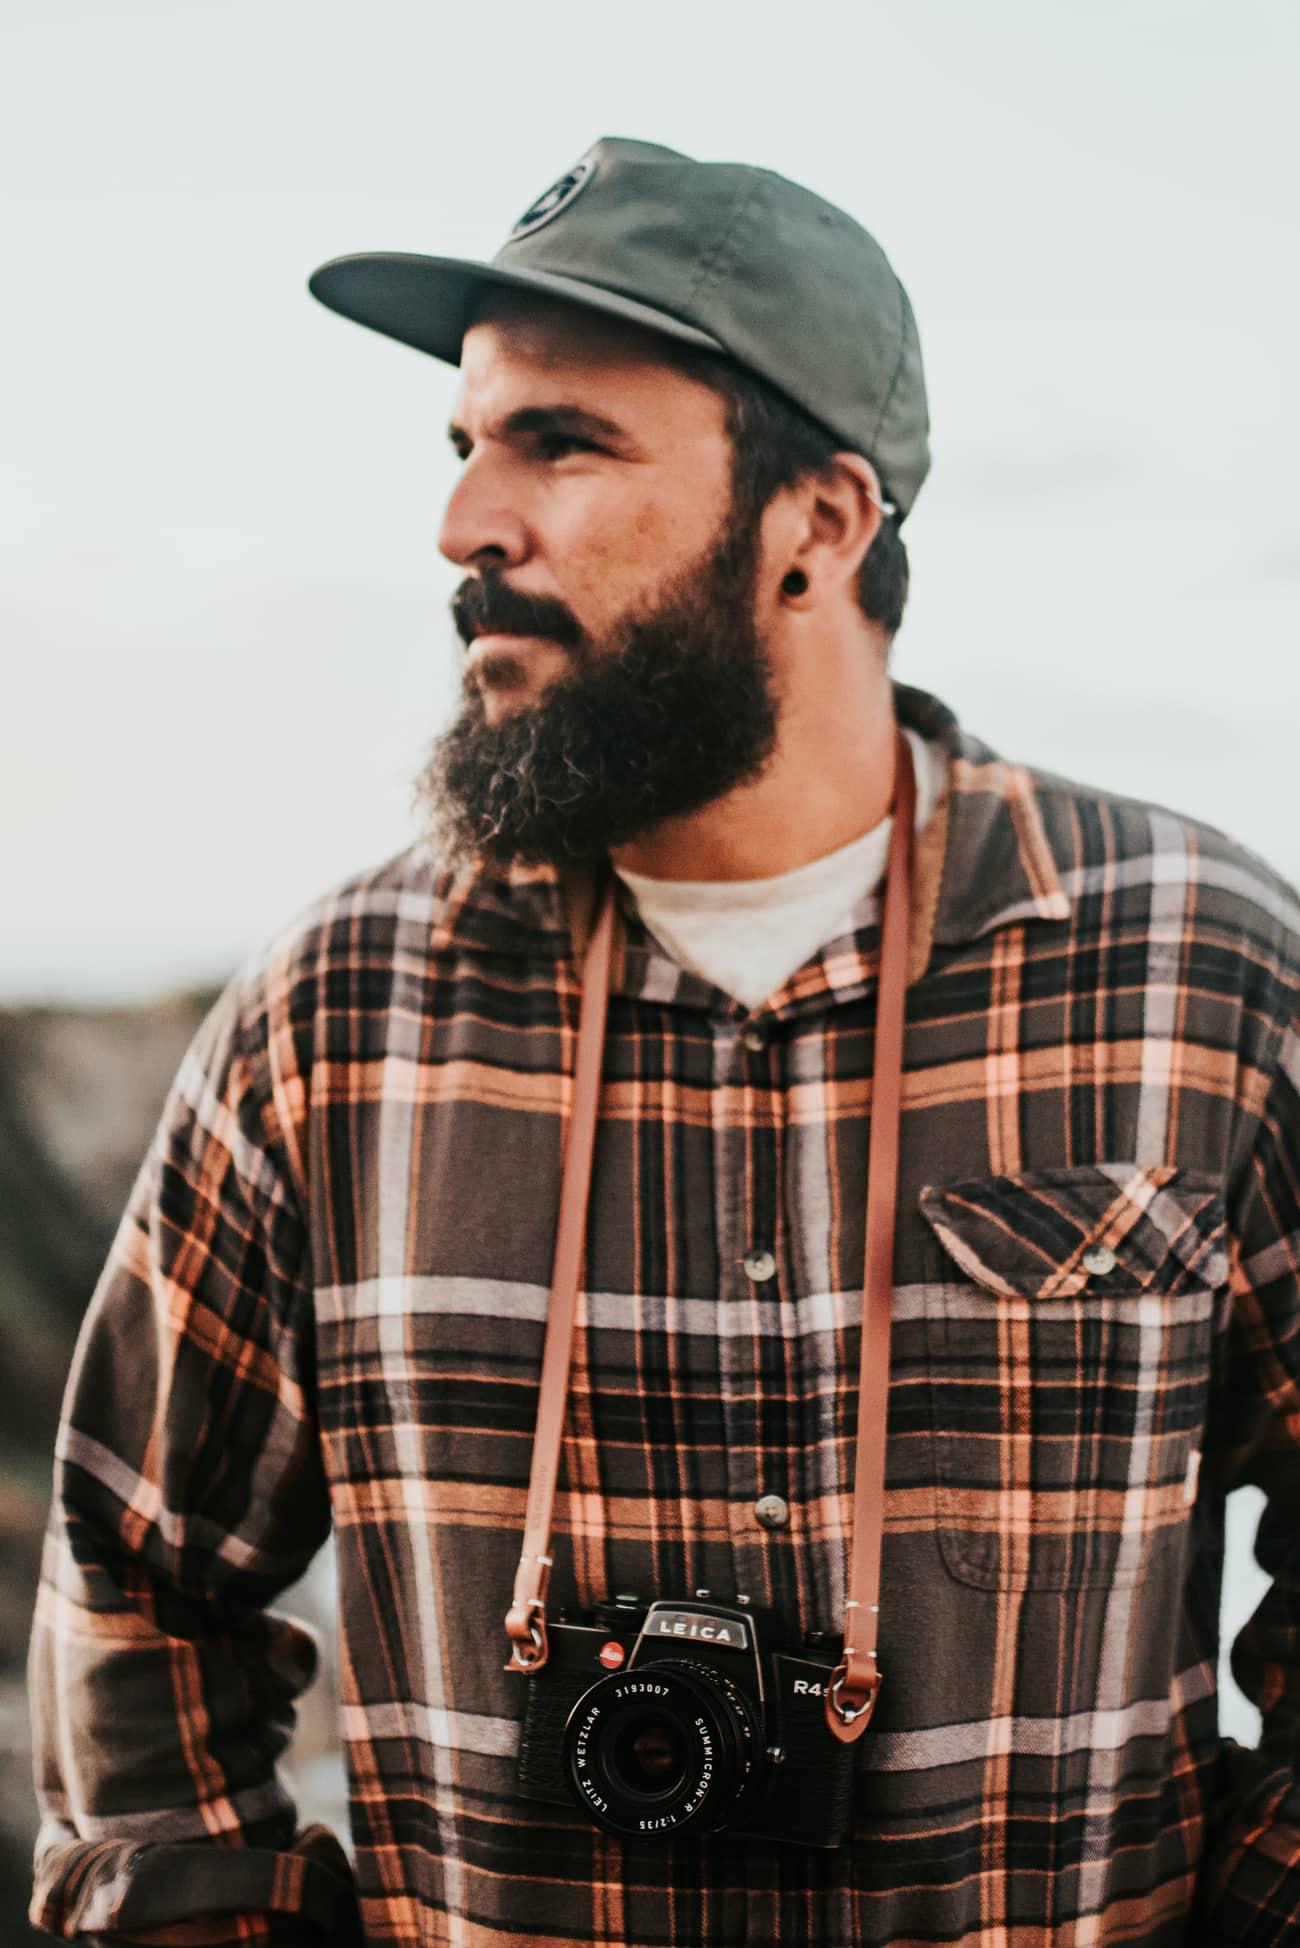 Rodrigo Moraes Photography (1 of 1)